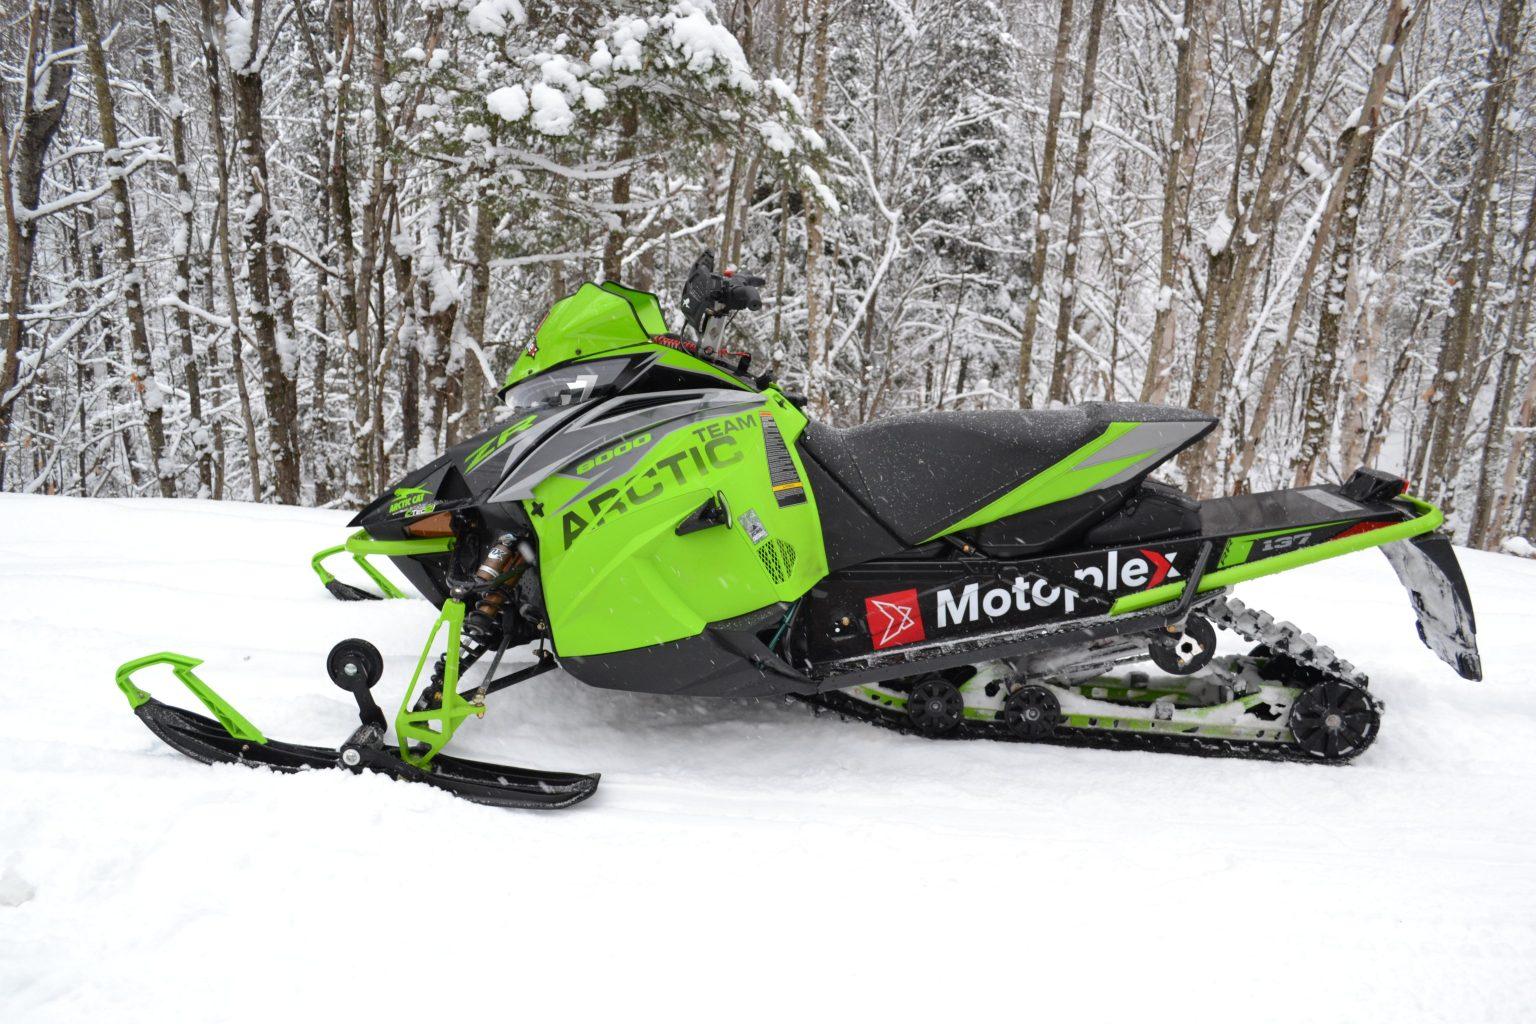 La ZR8000 RR 137 2019 - la motoneige par excellence pour les amateurs de sensations fortes